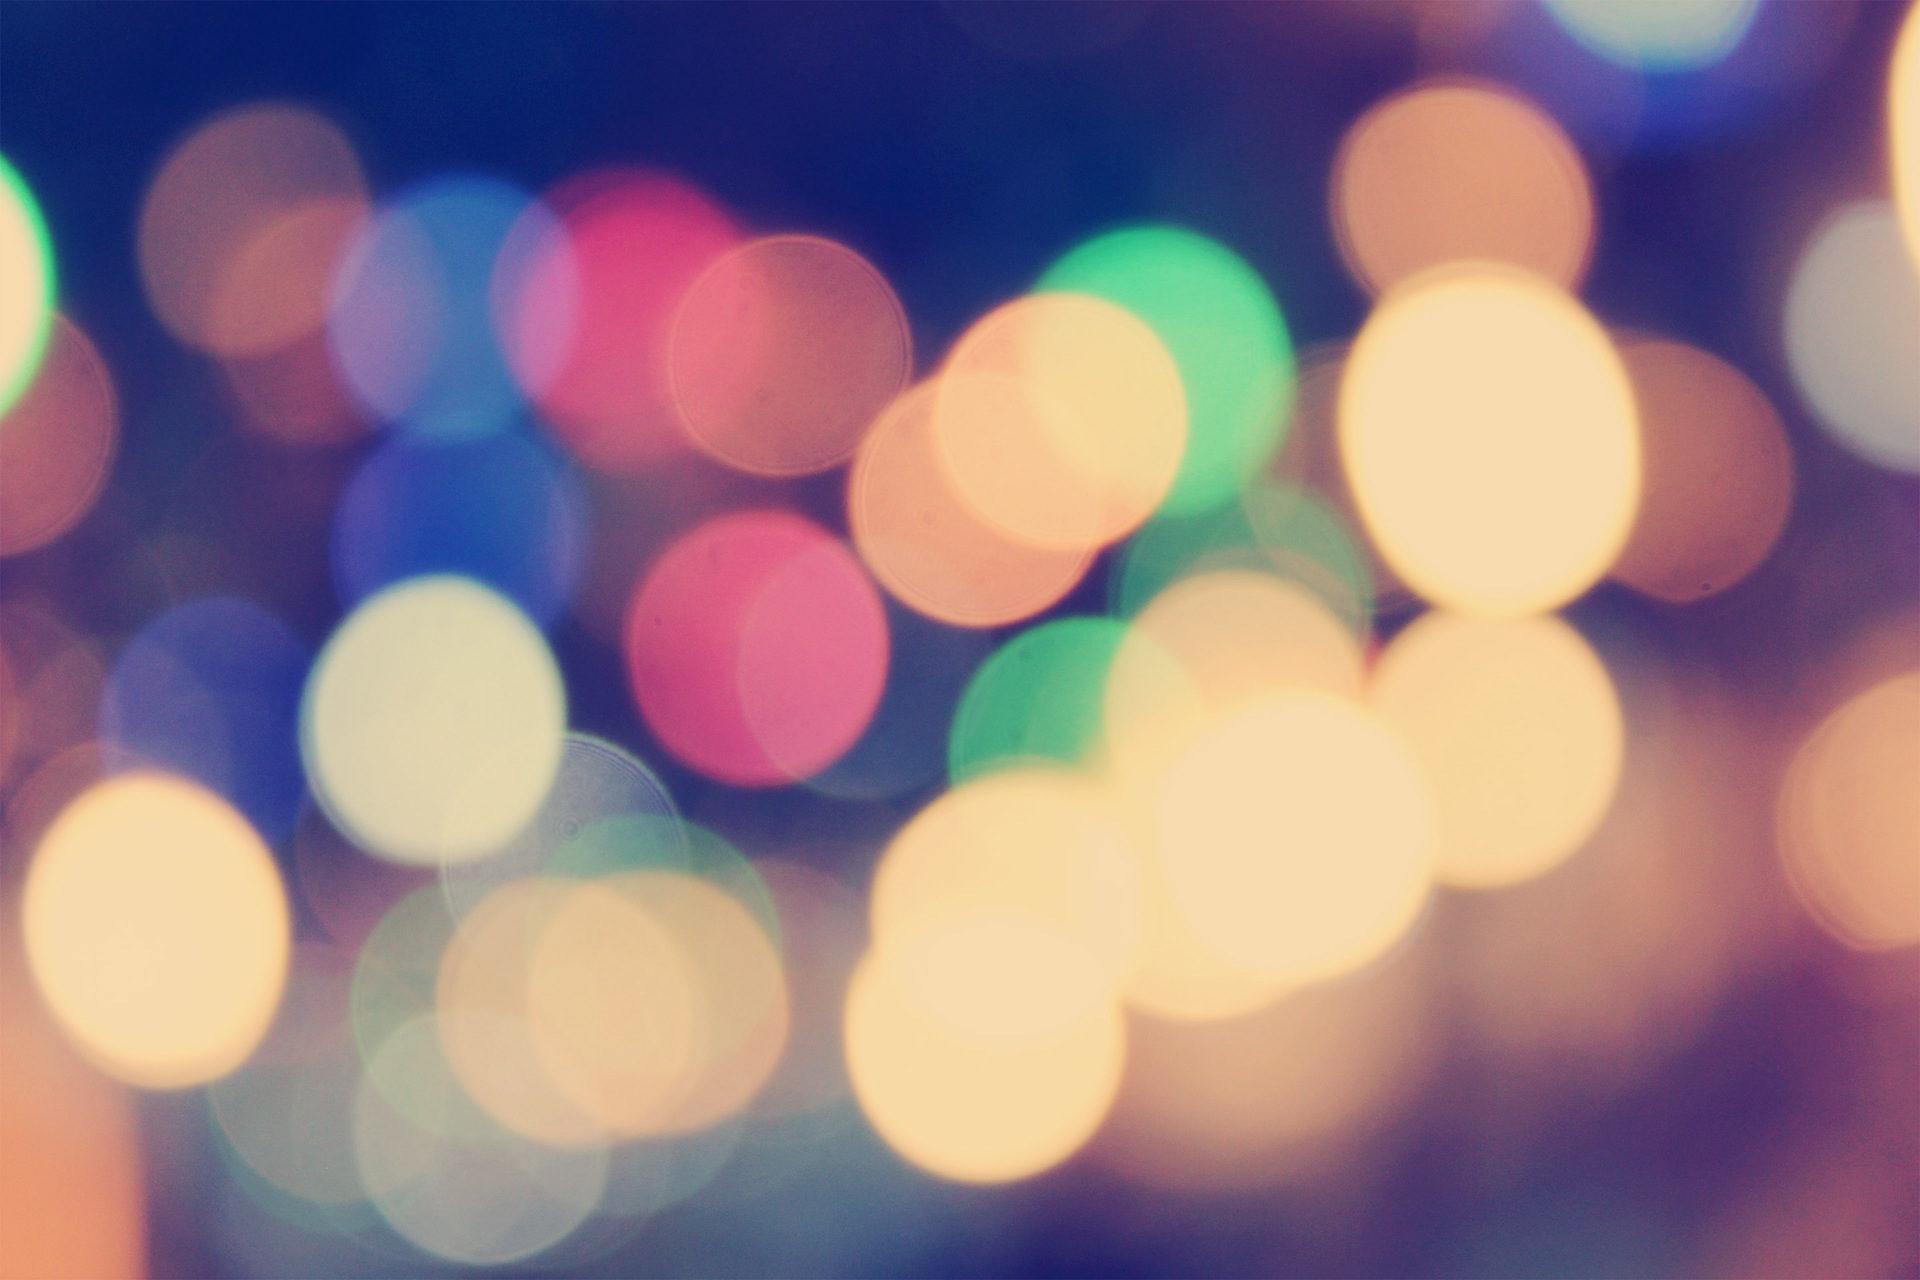 lumières, nuit, Ville, trafic, flou - Fonds d'écran HD - Professor-falken.com